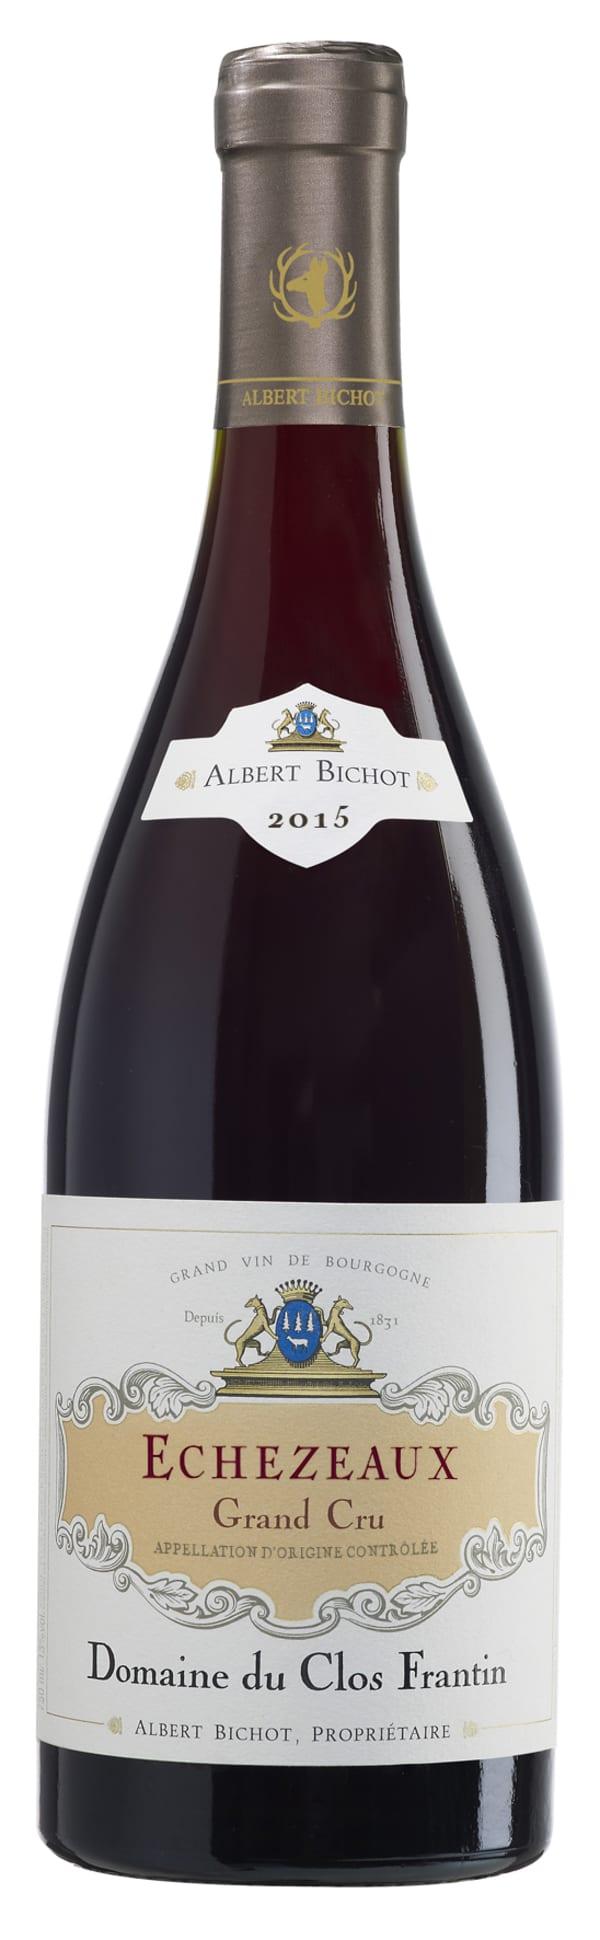 Alko Webshop Voucher Sodexo 100 Albert Bichot Domaine Du Clos Frantin Echezeaux Grand Cru 2015